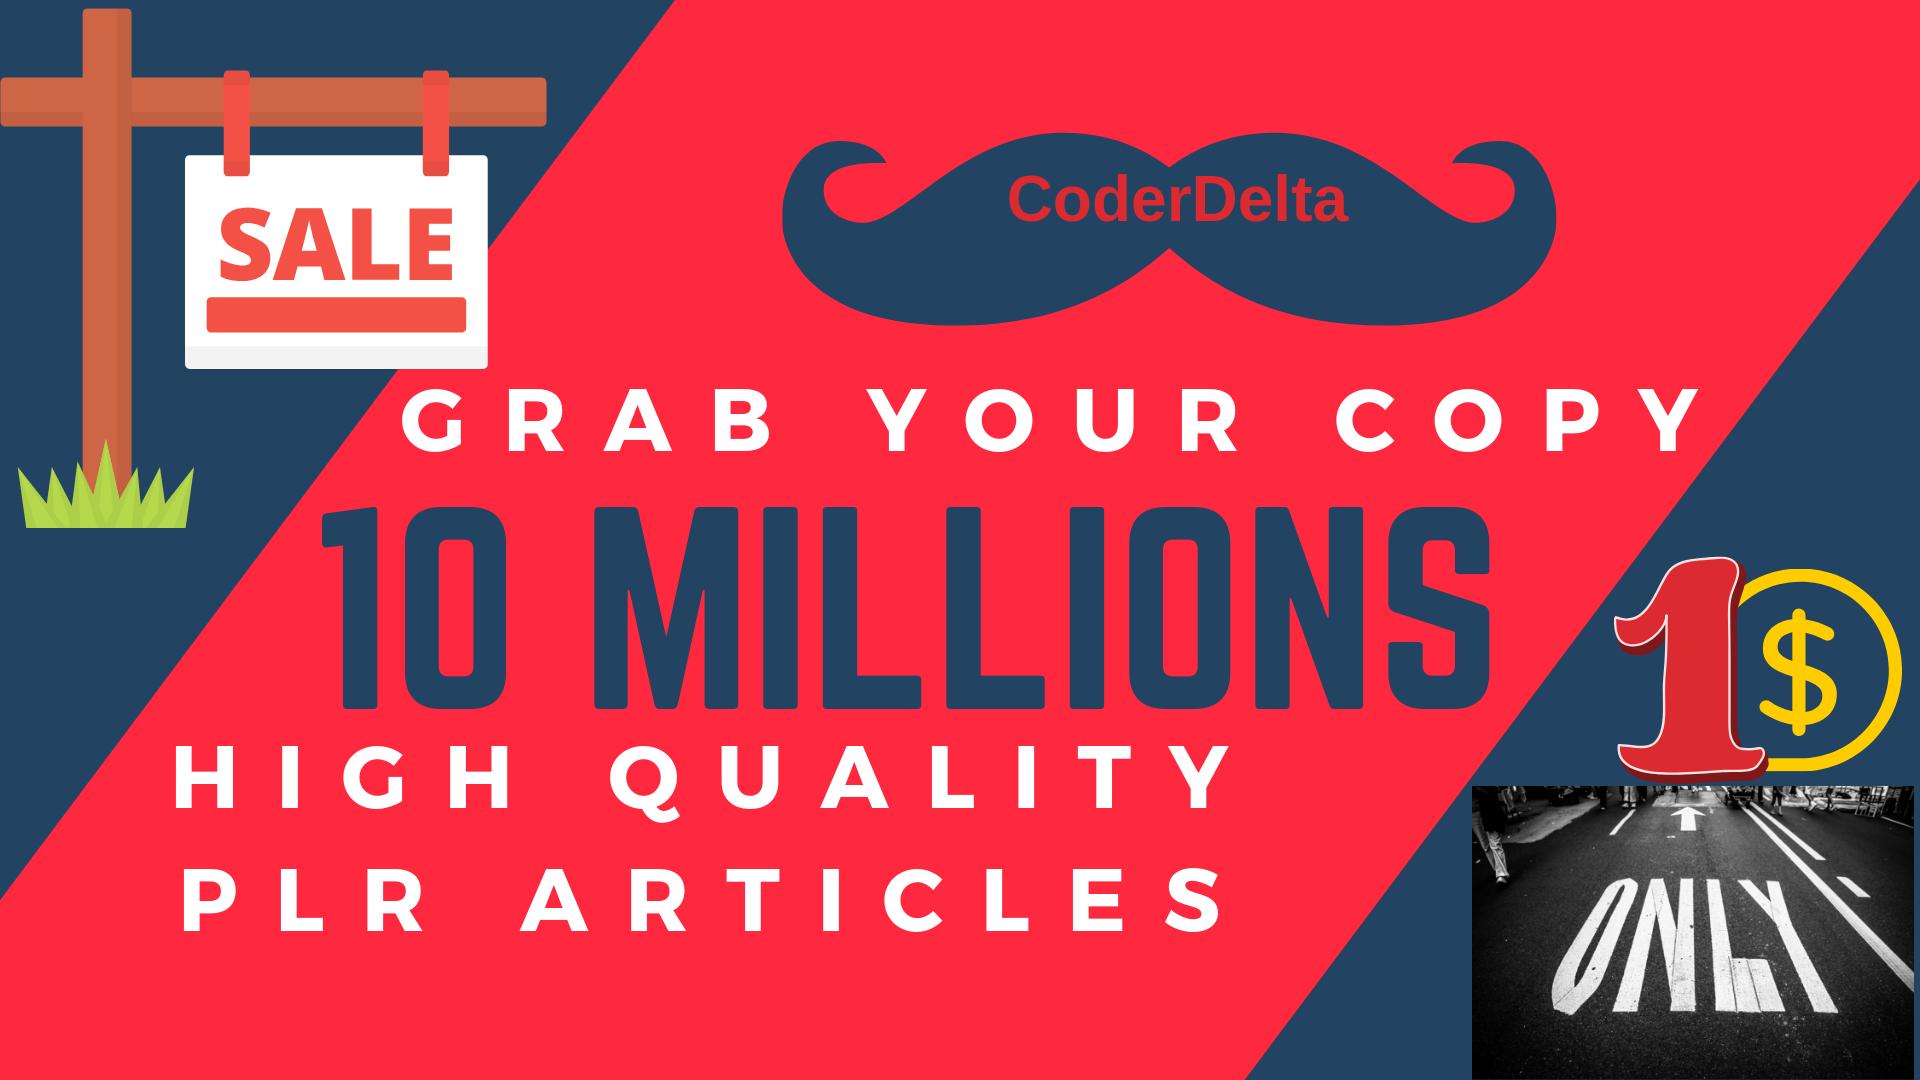 Grab Your Copy of Best PLR Articles More Then 10 Million PLR Articles